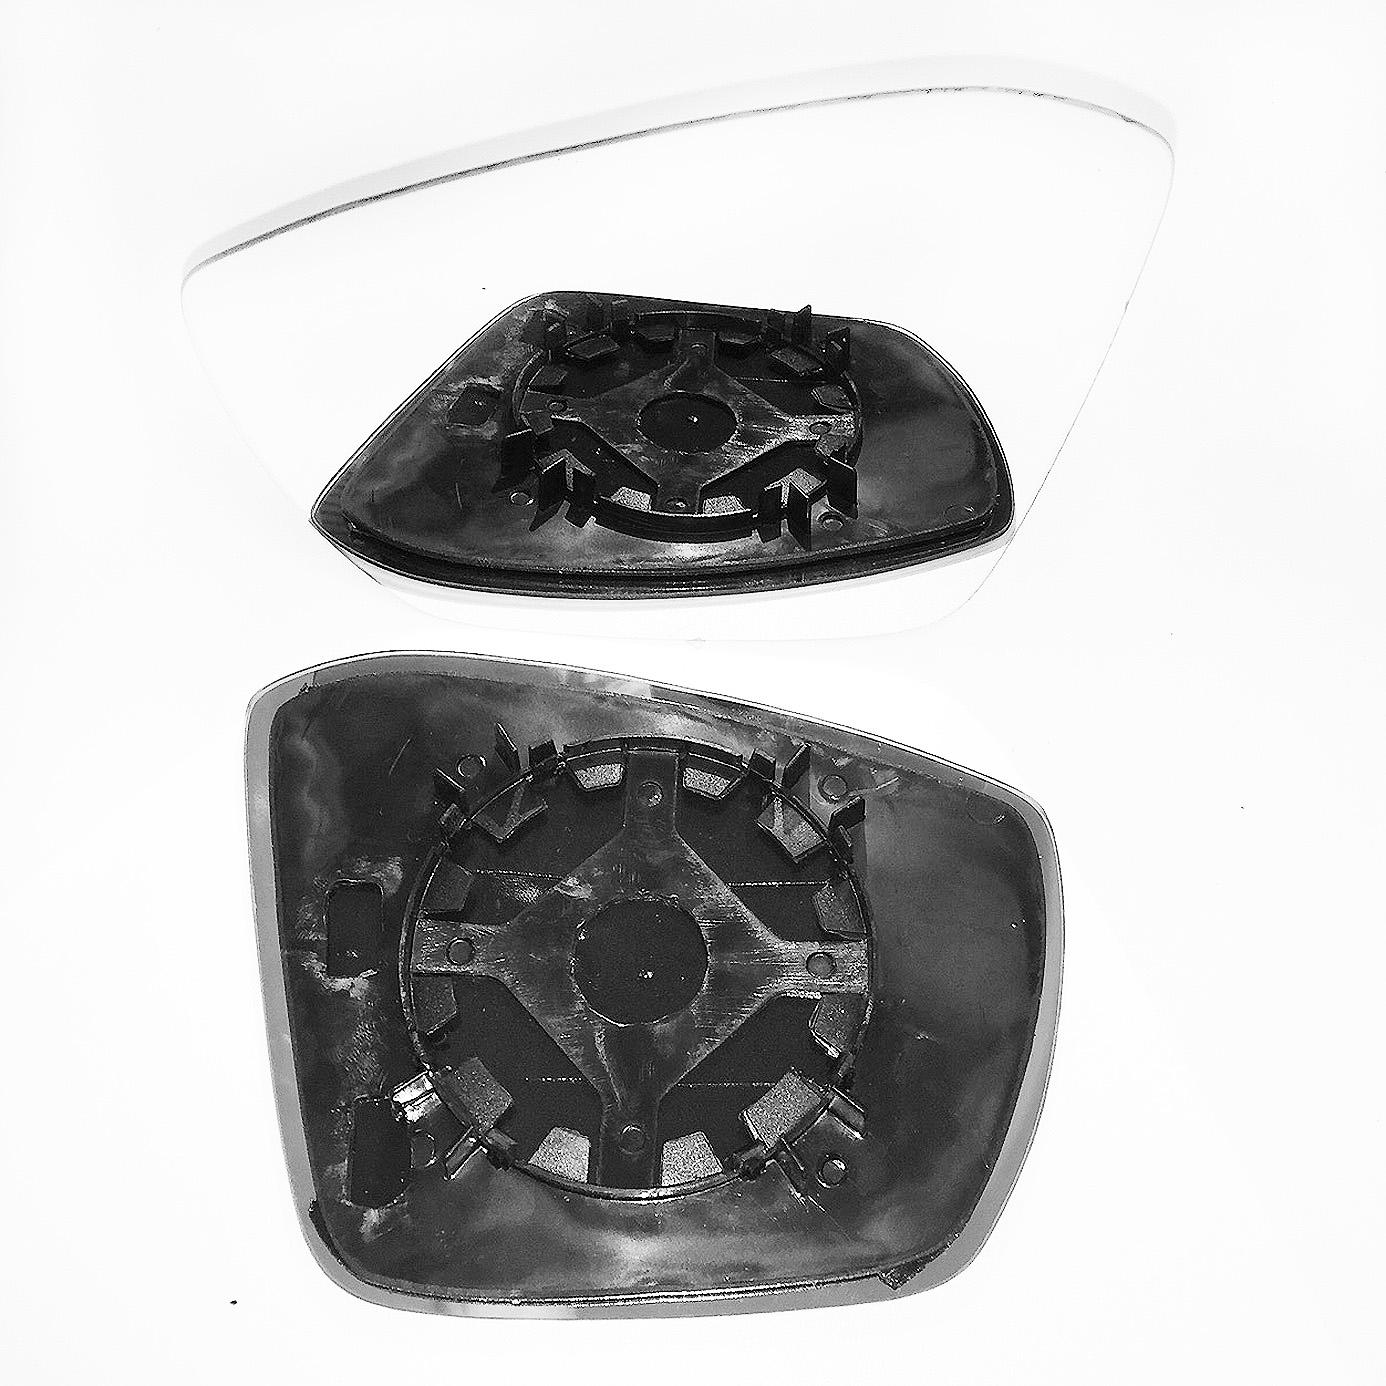 Skoda Octavia Wing Mirror Glass Left Hand Side 2008